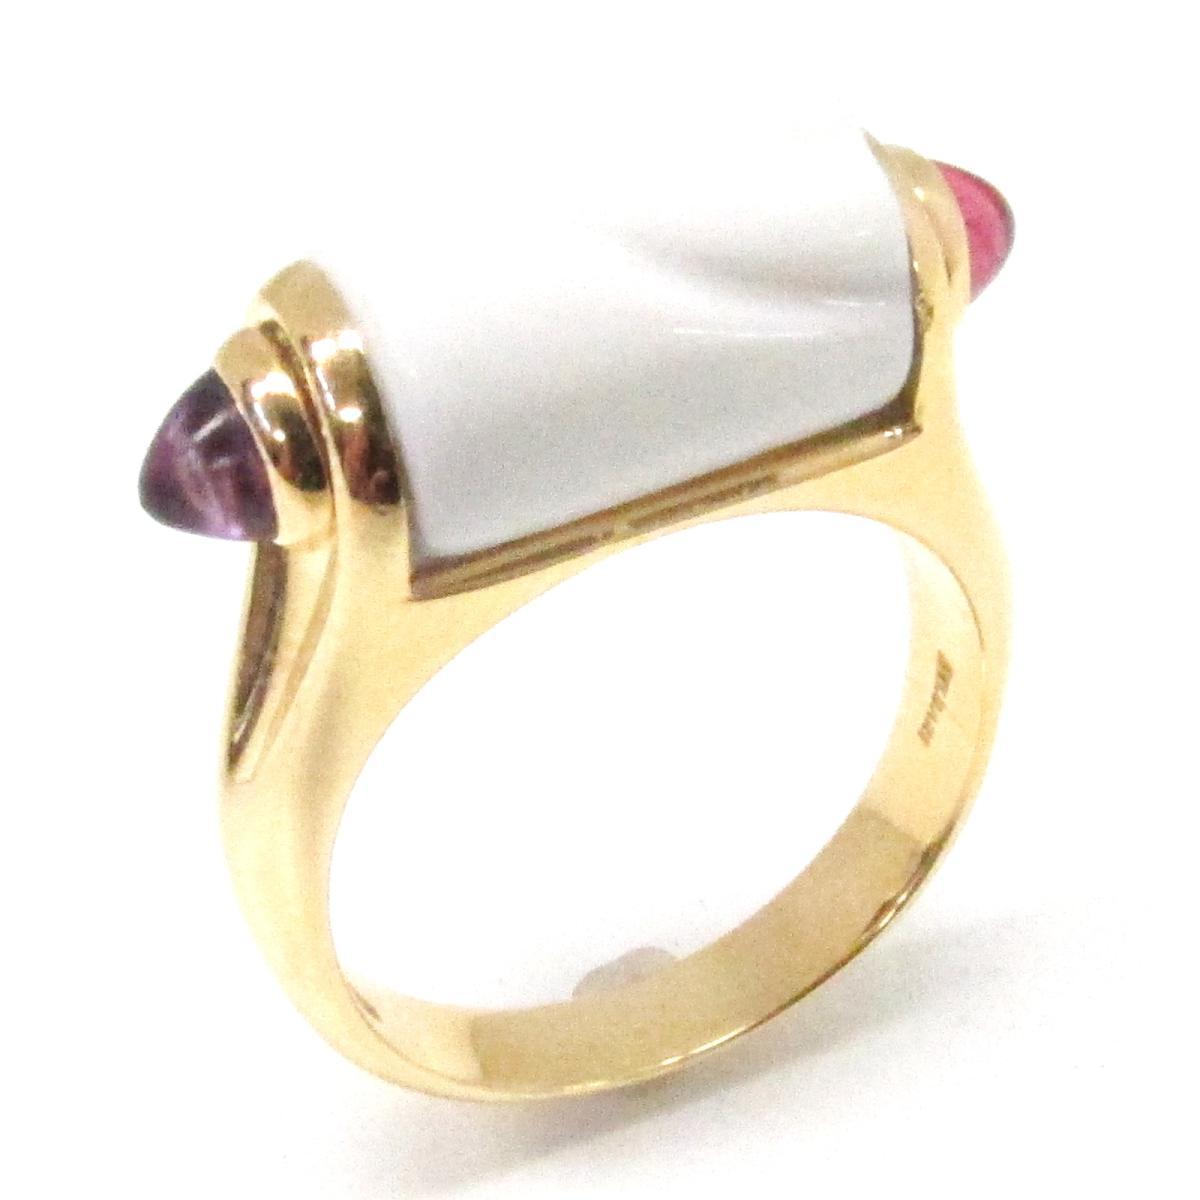 ブルガリ トロンケット リング 指輪 ブランドジュエリー レディース K18YG (750) イエローゴールド x ホワイトセラミック アメジスト 【中古】 | BVLGARI BRANDOFF ブランドオフ ブランド ジュエリー アクセサリー